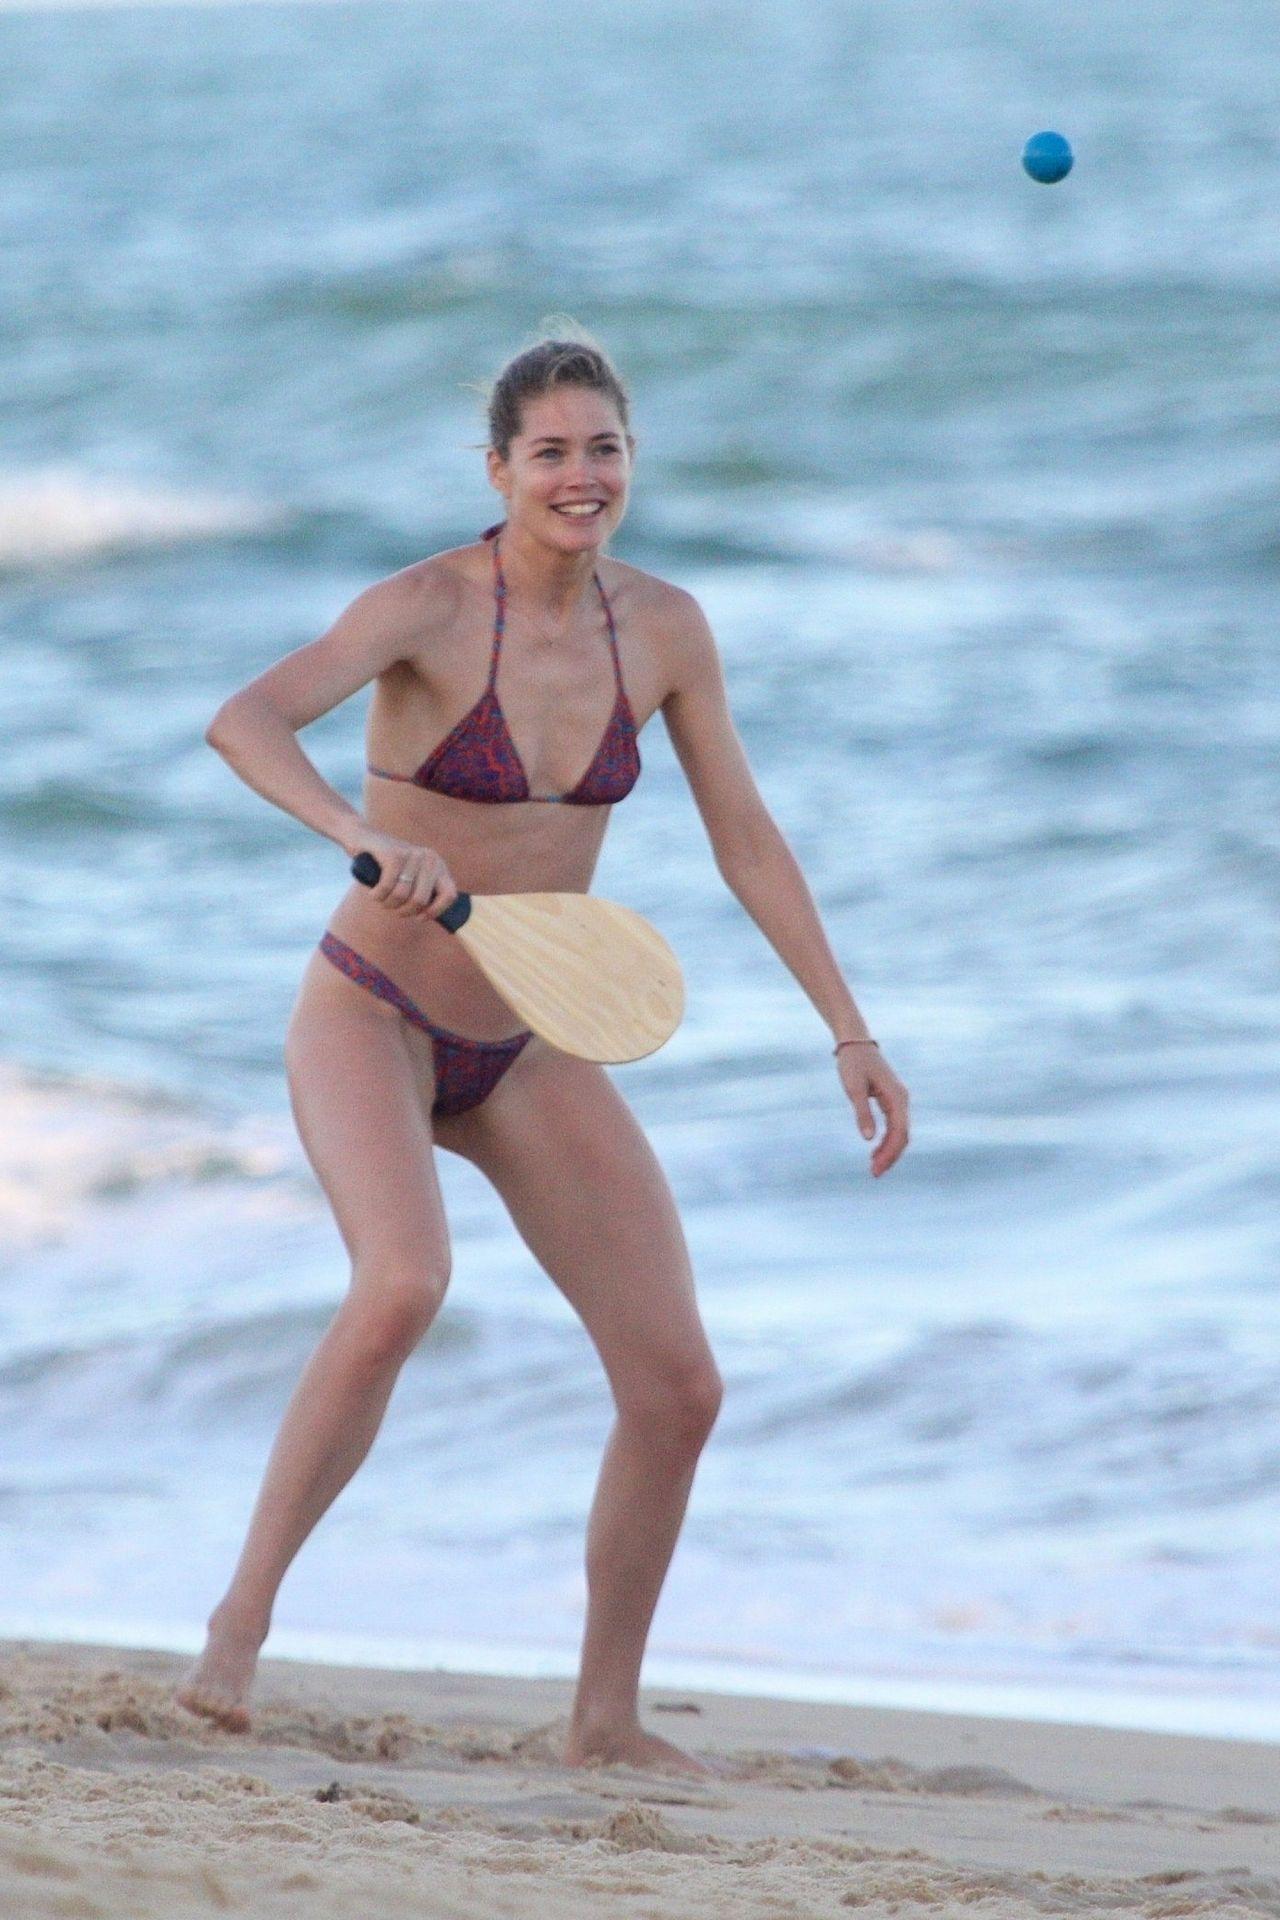 Doutzen Kroes in Bikini on Bahia beach in Brazil Pic 3 of 35